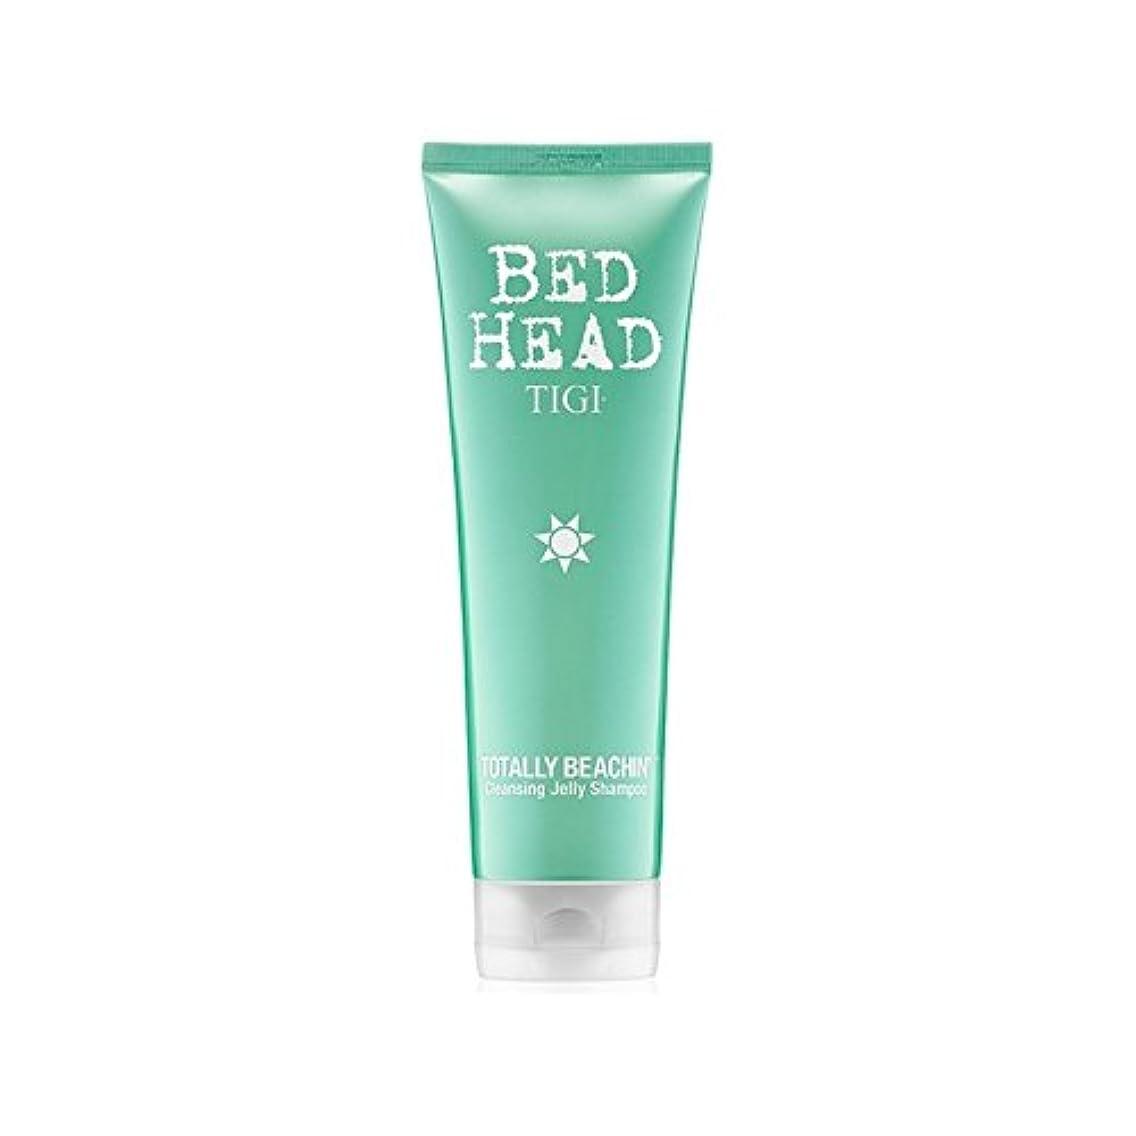 好意的閉じ込めるドライTigi Bed Head Totally Beachin Cleansing Jelly Shampoo (250ml) - 完全にクレンジングゼリーシャンプー(250ミリリットル)ティジーベッドヘッド [並行輸入品]